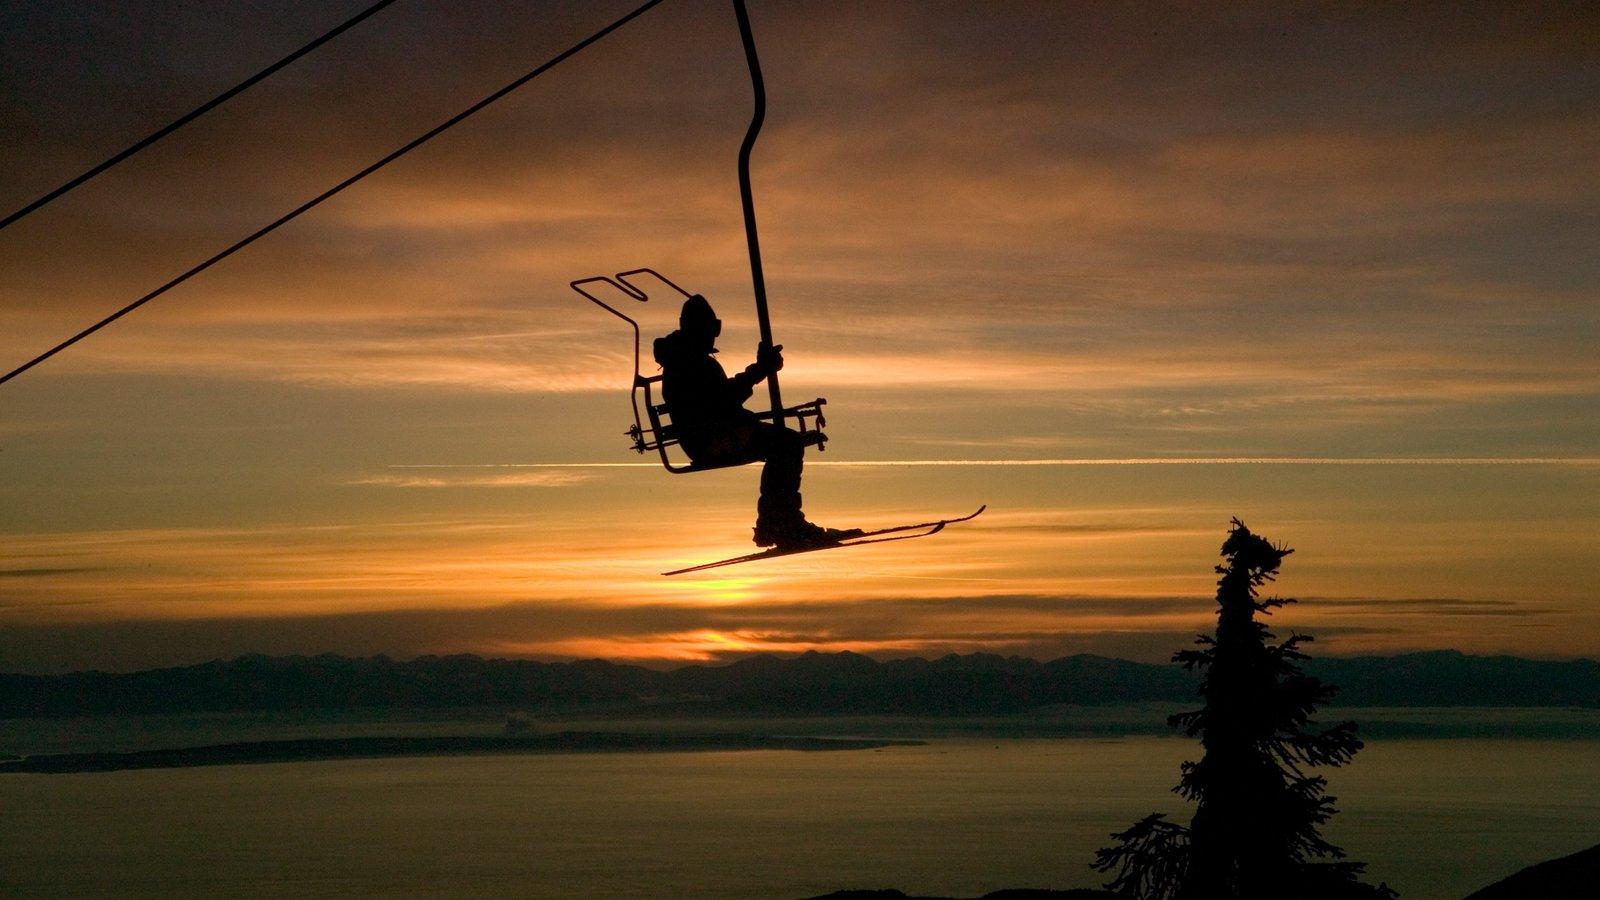 Cypress Mountain ofreciendo una puesta de sol, una góndola y esquiar en la nieve